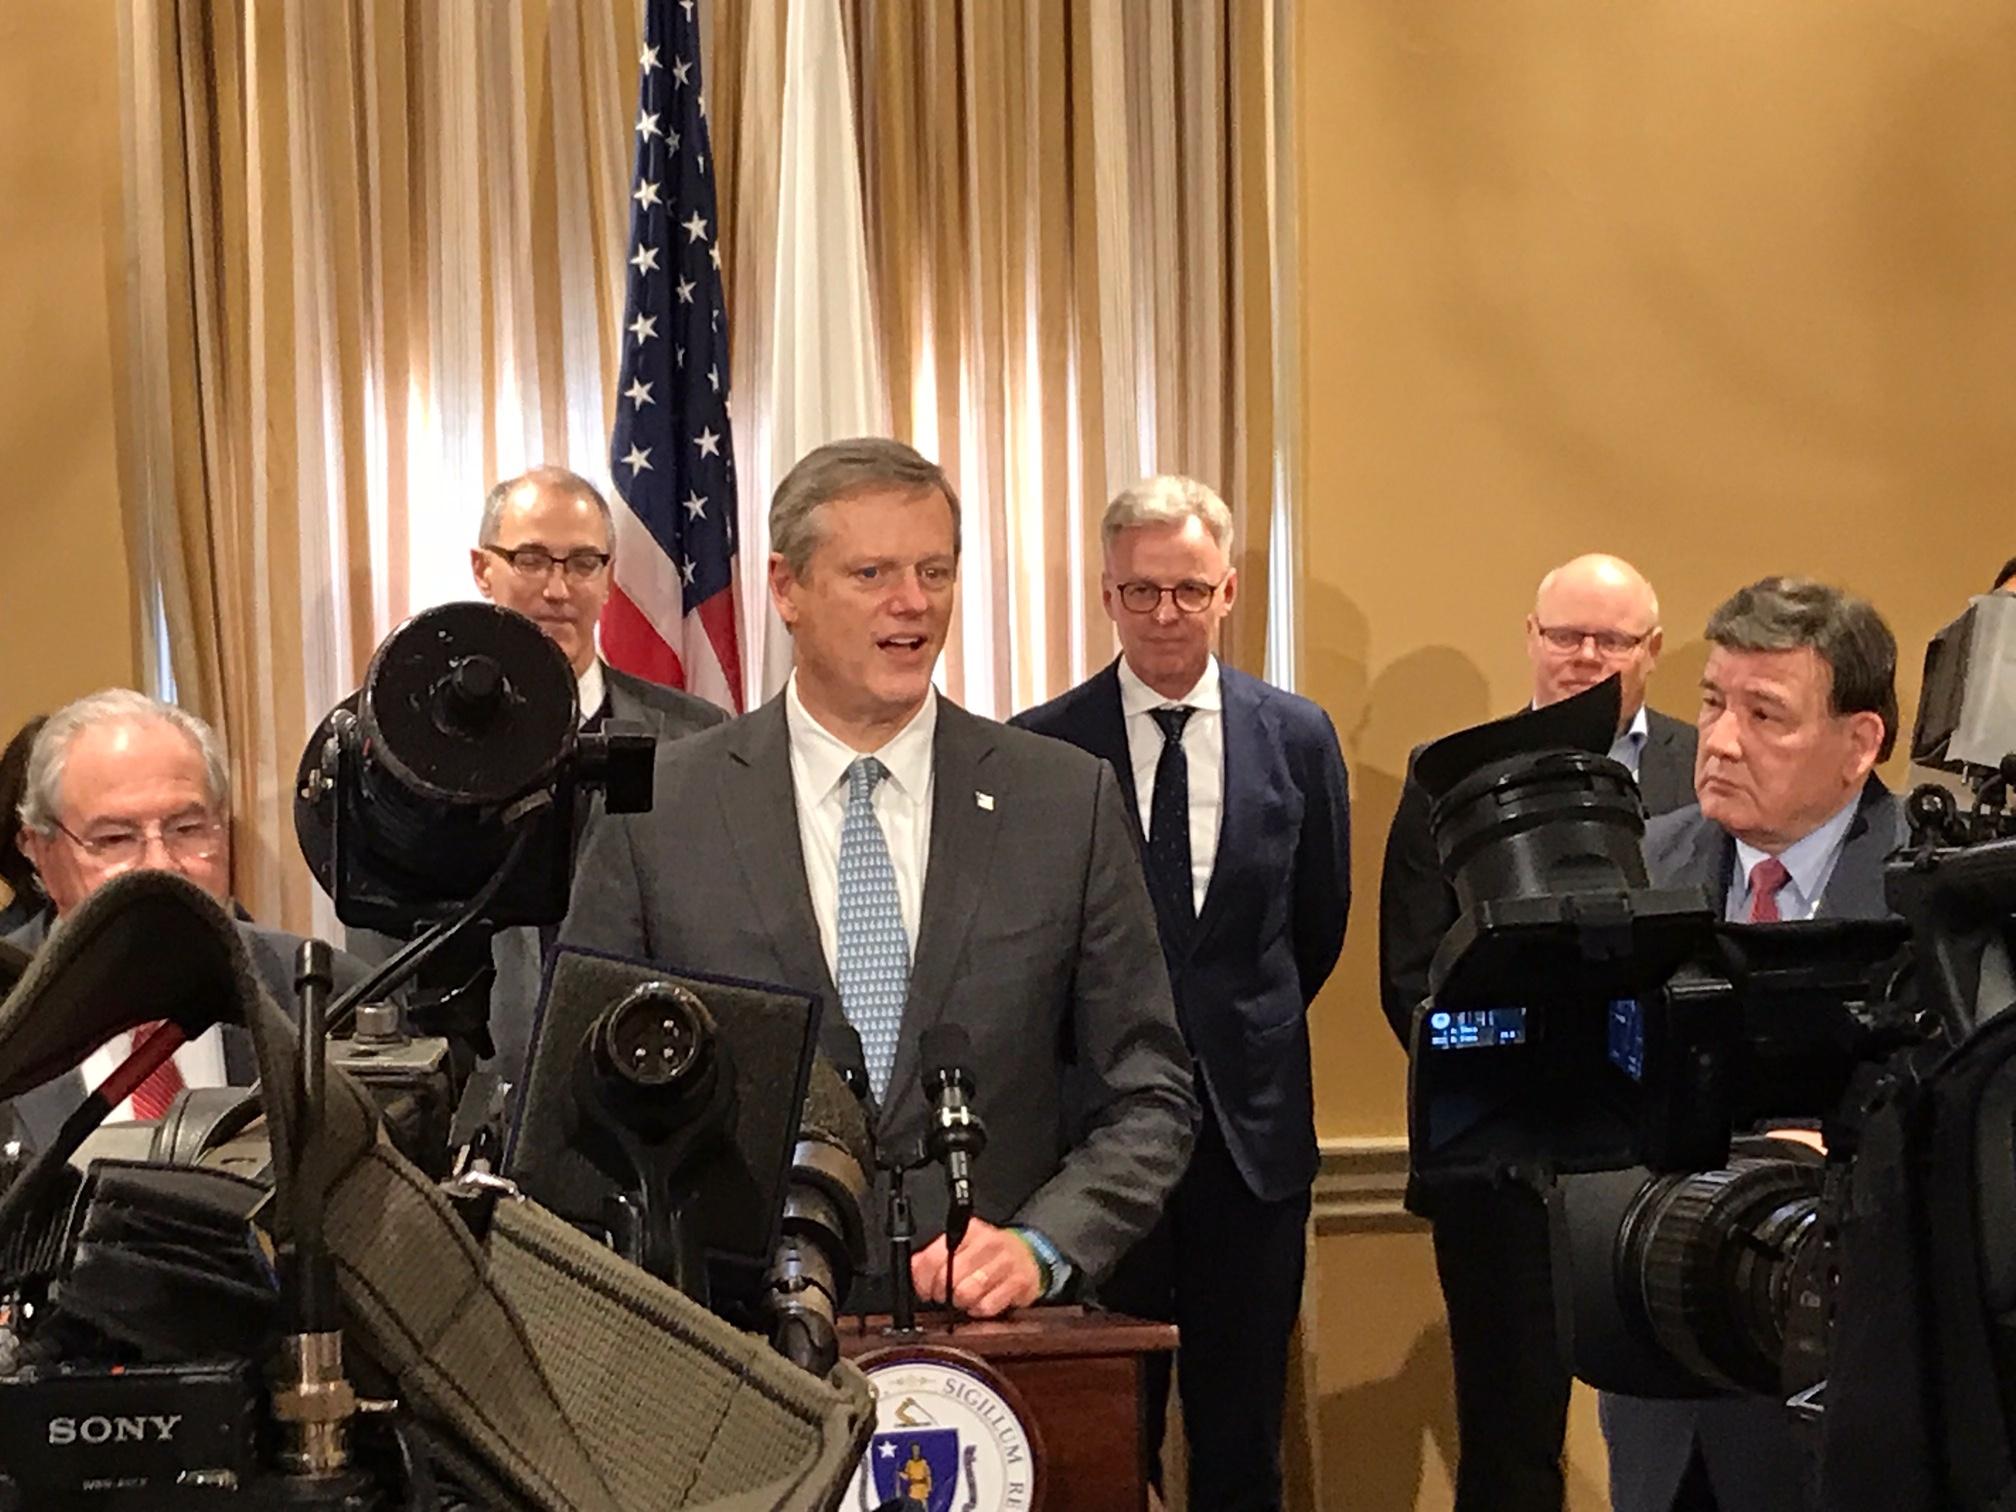 Massachusetts Governor Charlie Baker